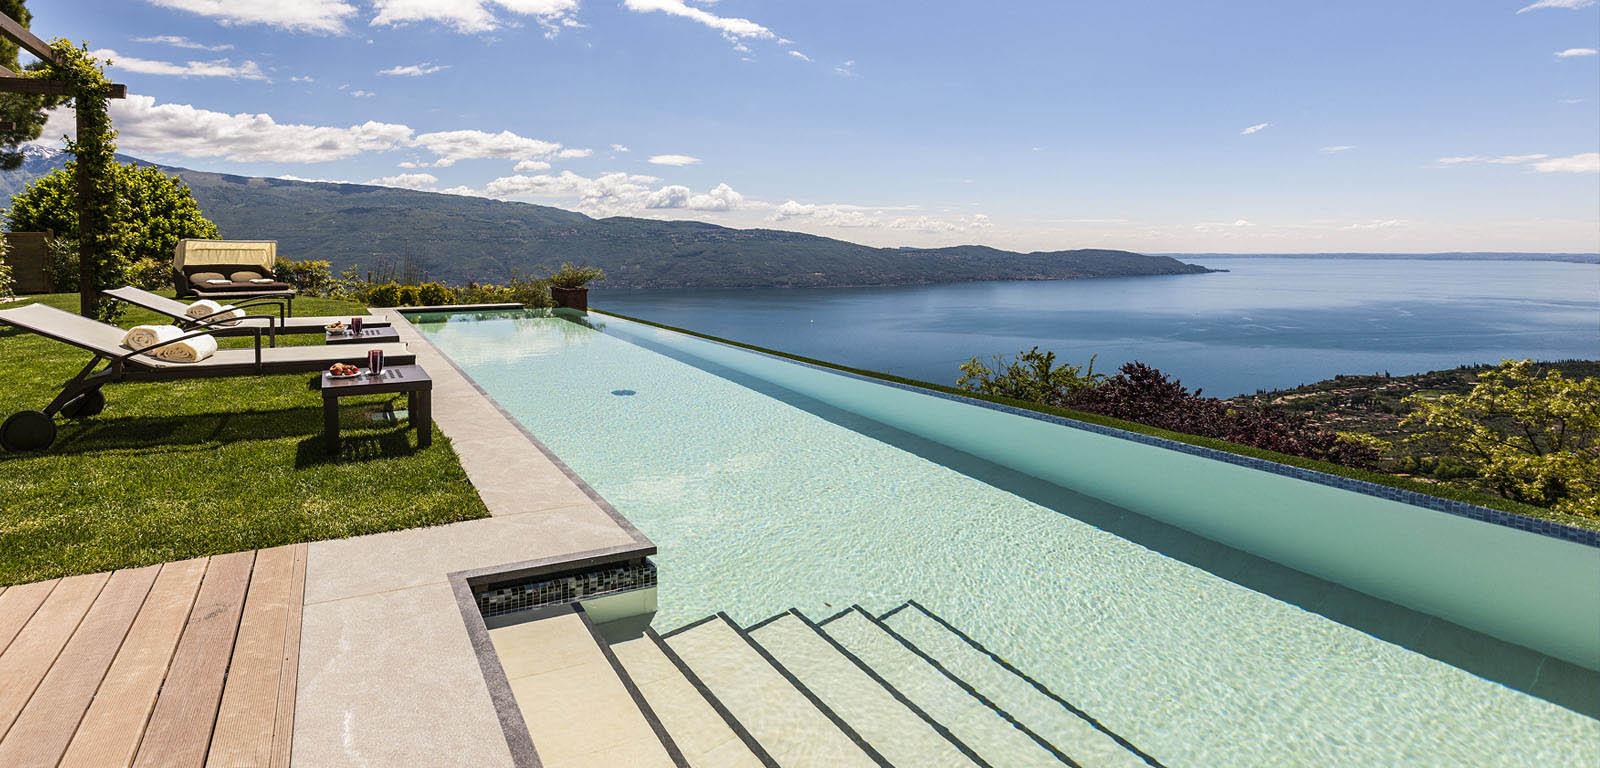 Piscine con cascata piscine castiglione for Blu design piscine napoli